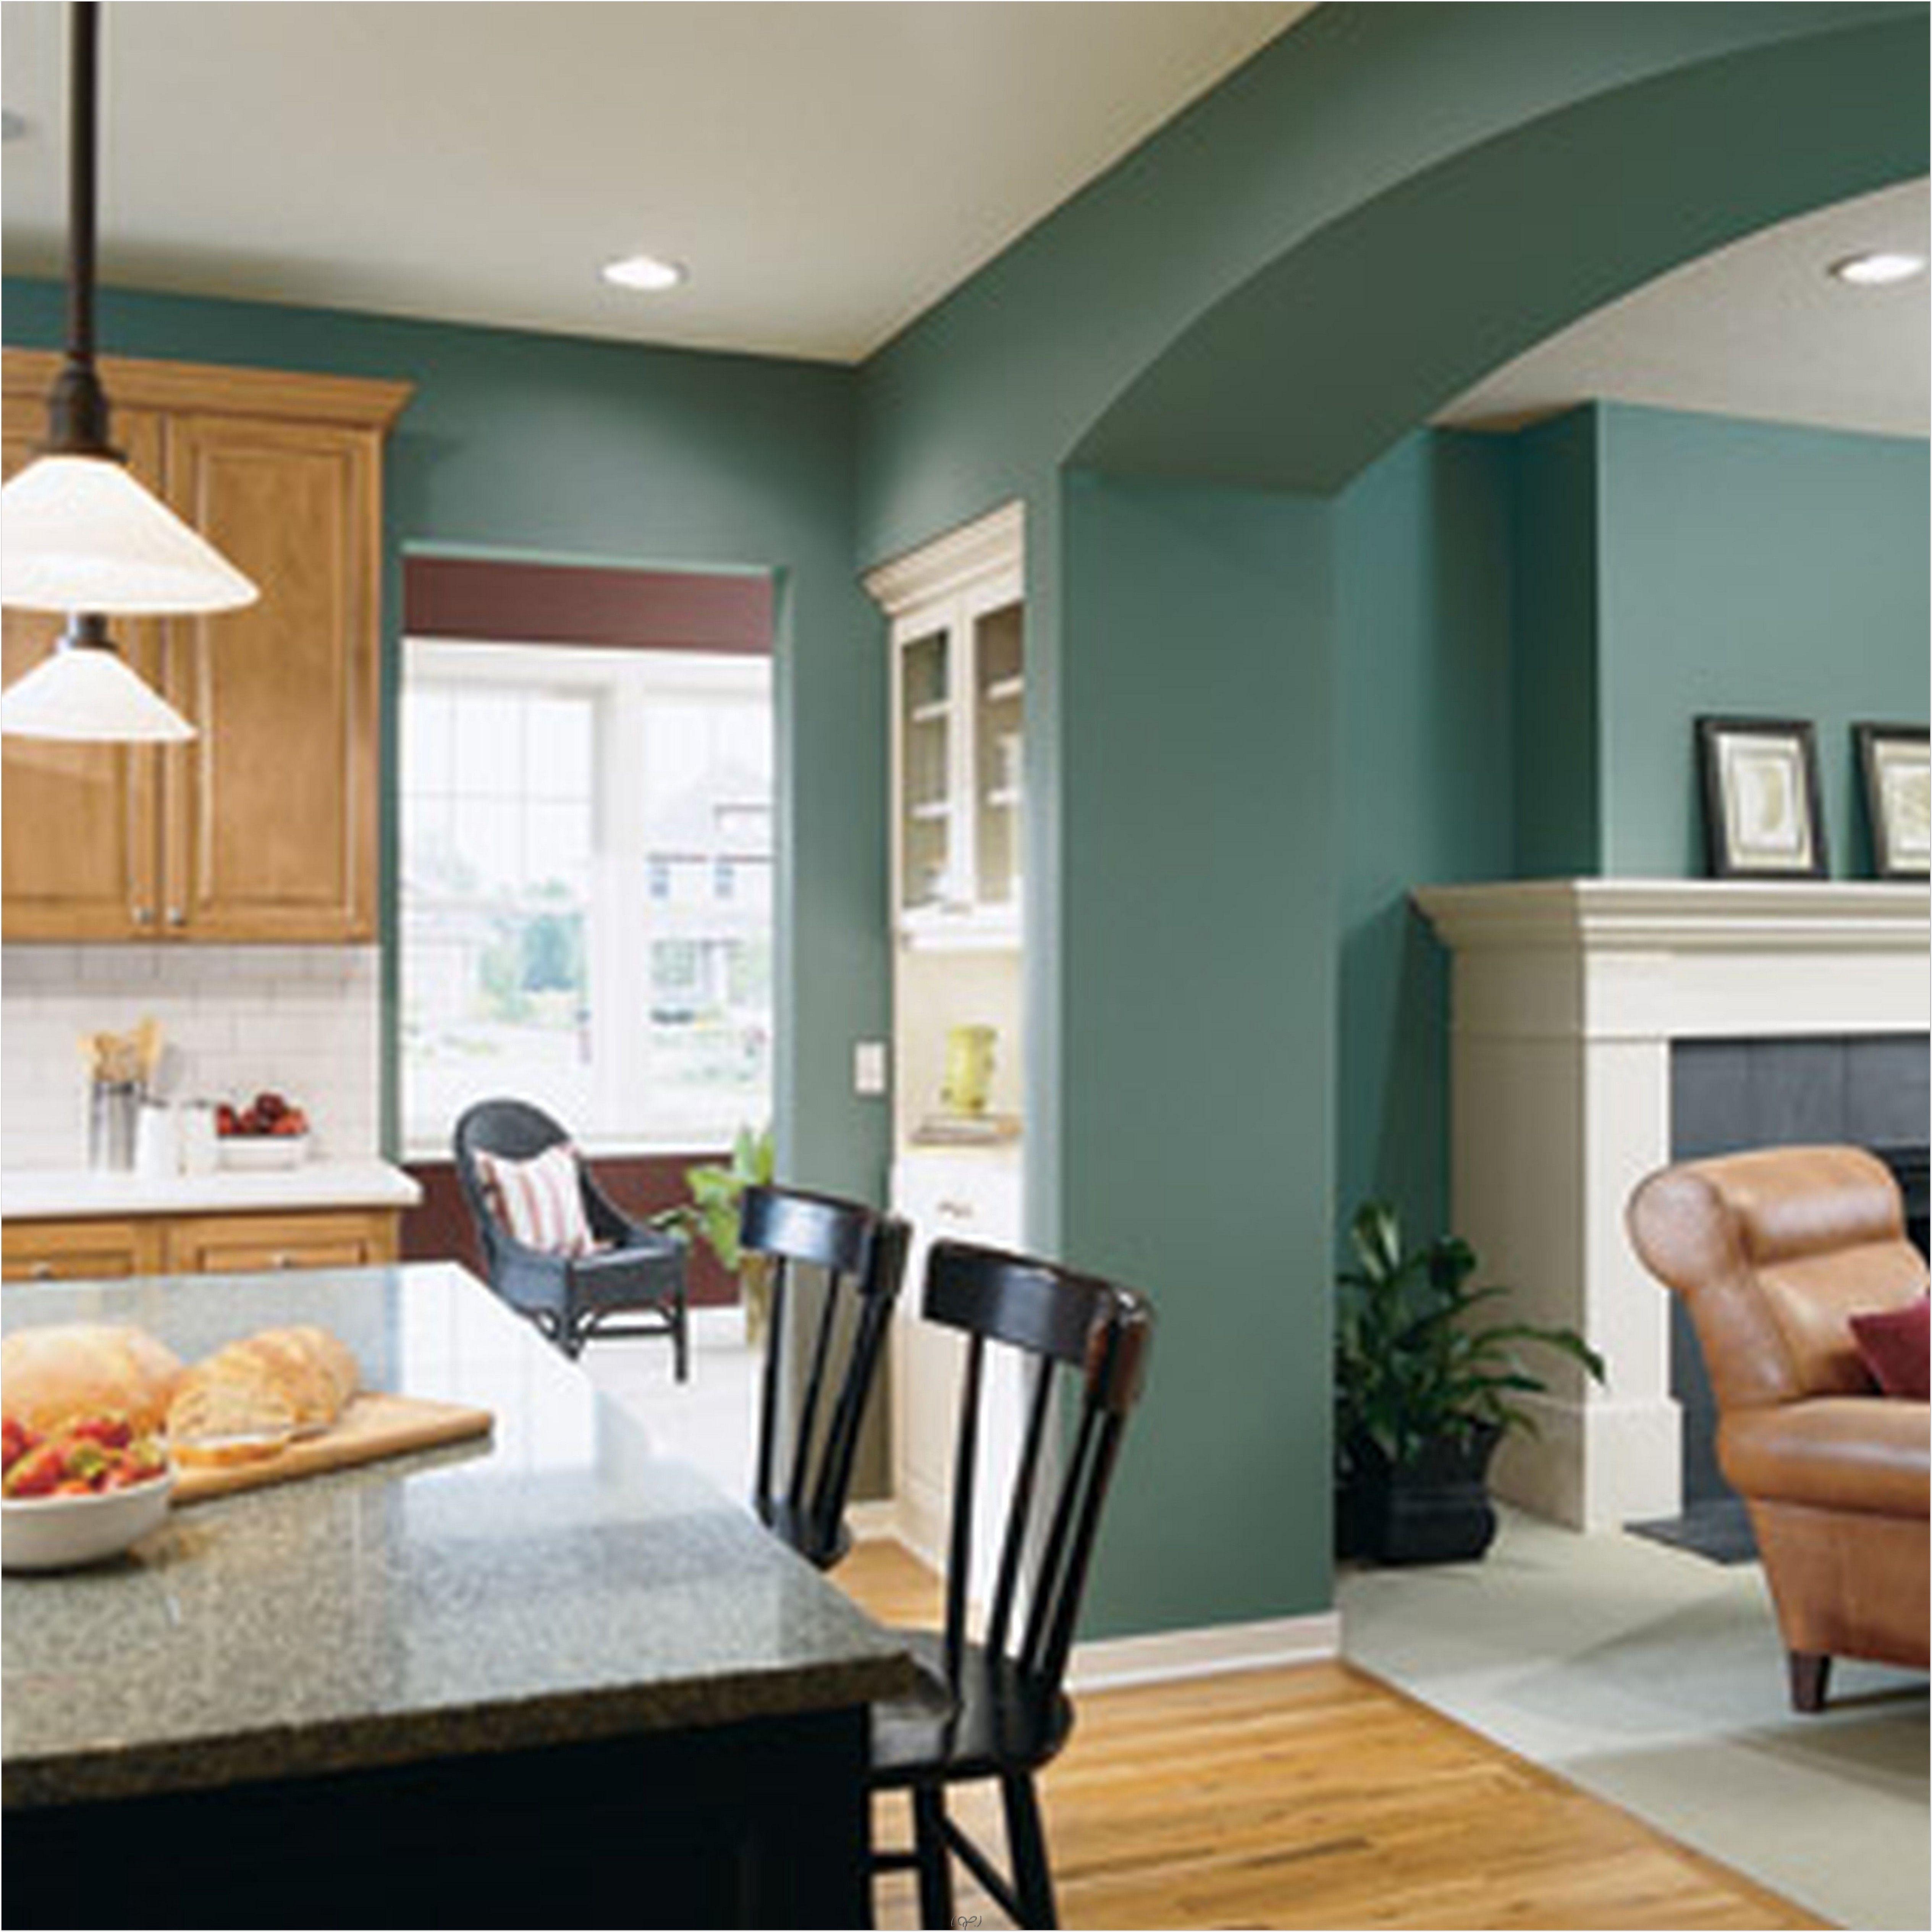 Beliebte Wohnzimmer Farben Schlafzimmer Wandfarbe Ideen